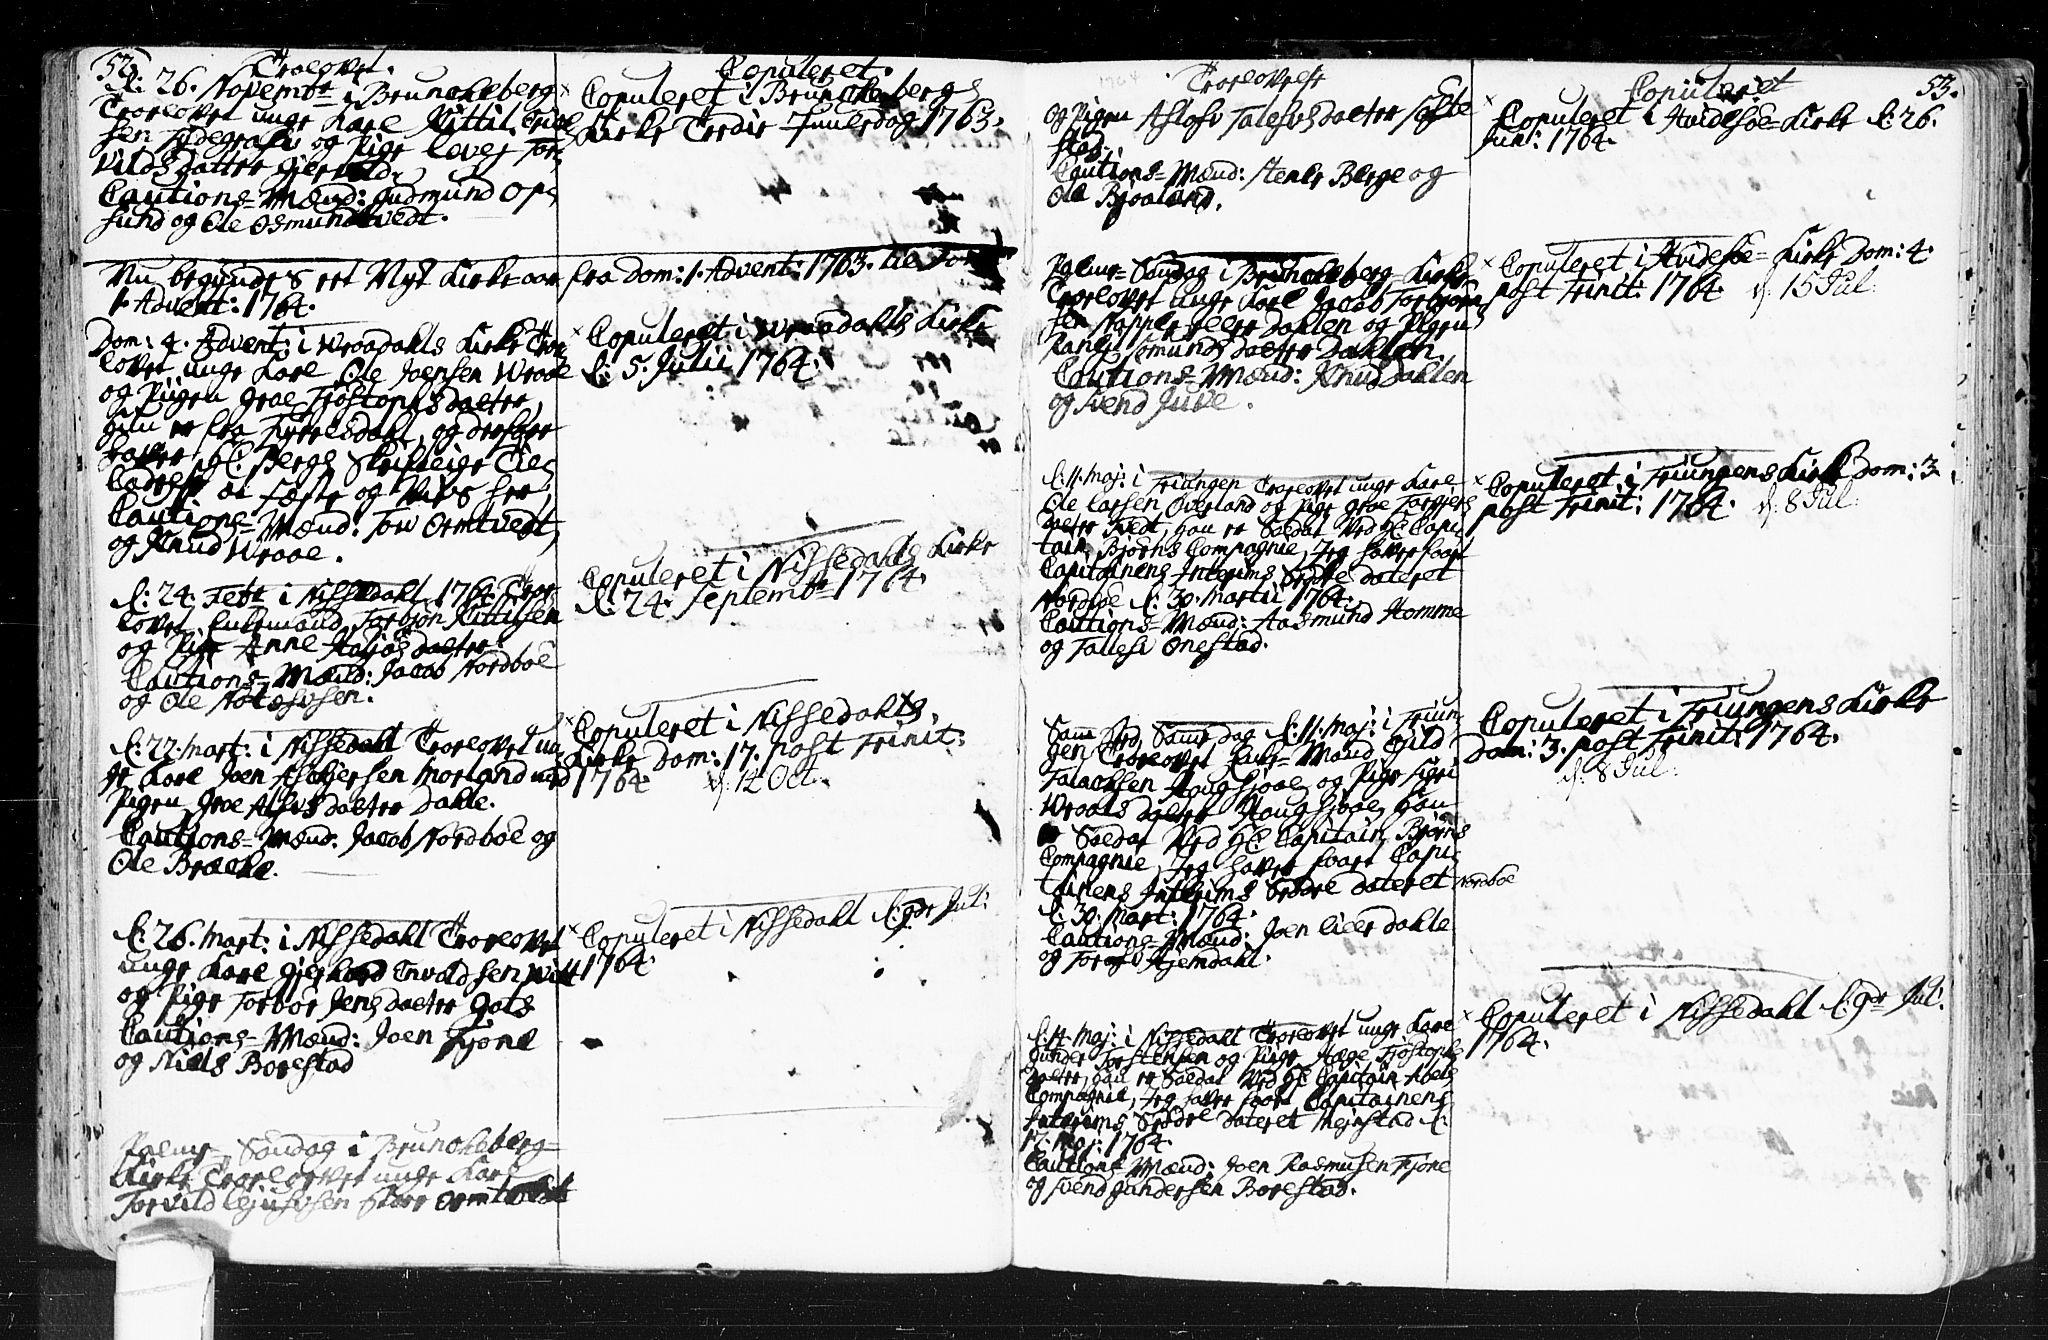 SAKO, Kviteseid kirkebøker, F/Fa/L0001: Ministerialbok nr. I 1, 1754-1773, s. 52-53